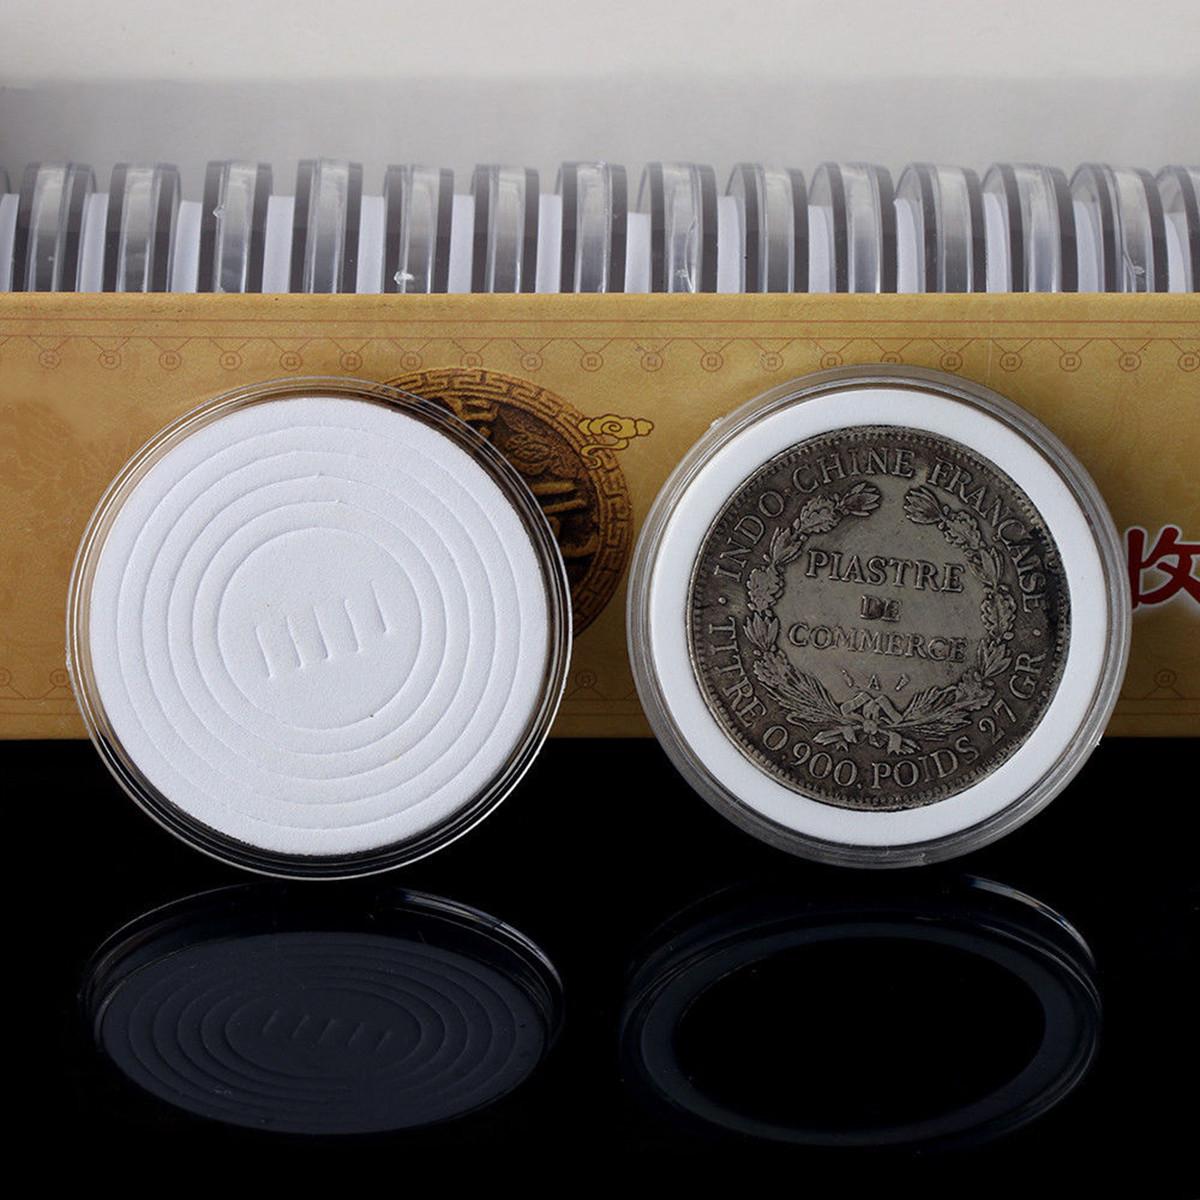 20 штук Прикладная монетная монетка монет Дисплей Держатель для хранения капсул для капсул Protector 20-40mm  - ➊TopShop ➠ Товары из Китая с бесплатной доставкой в Украину! в Днепре